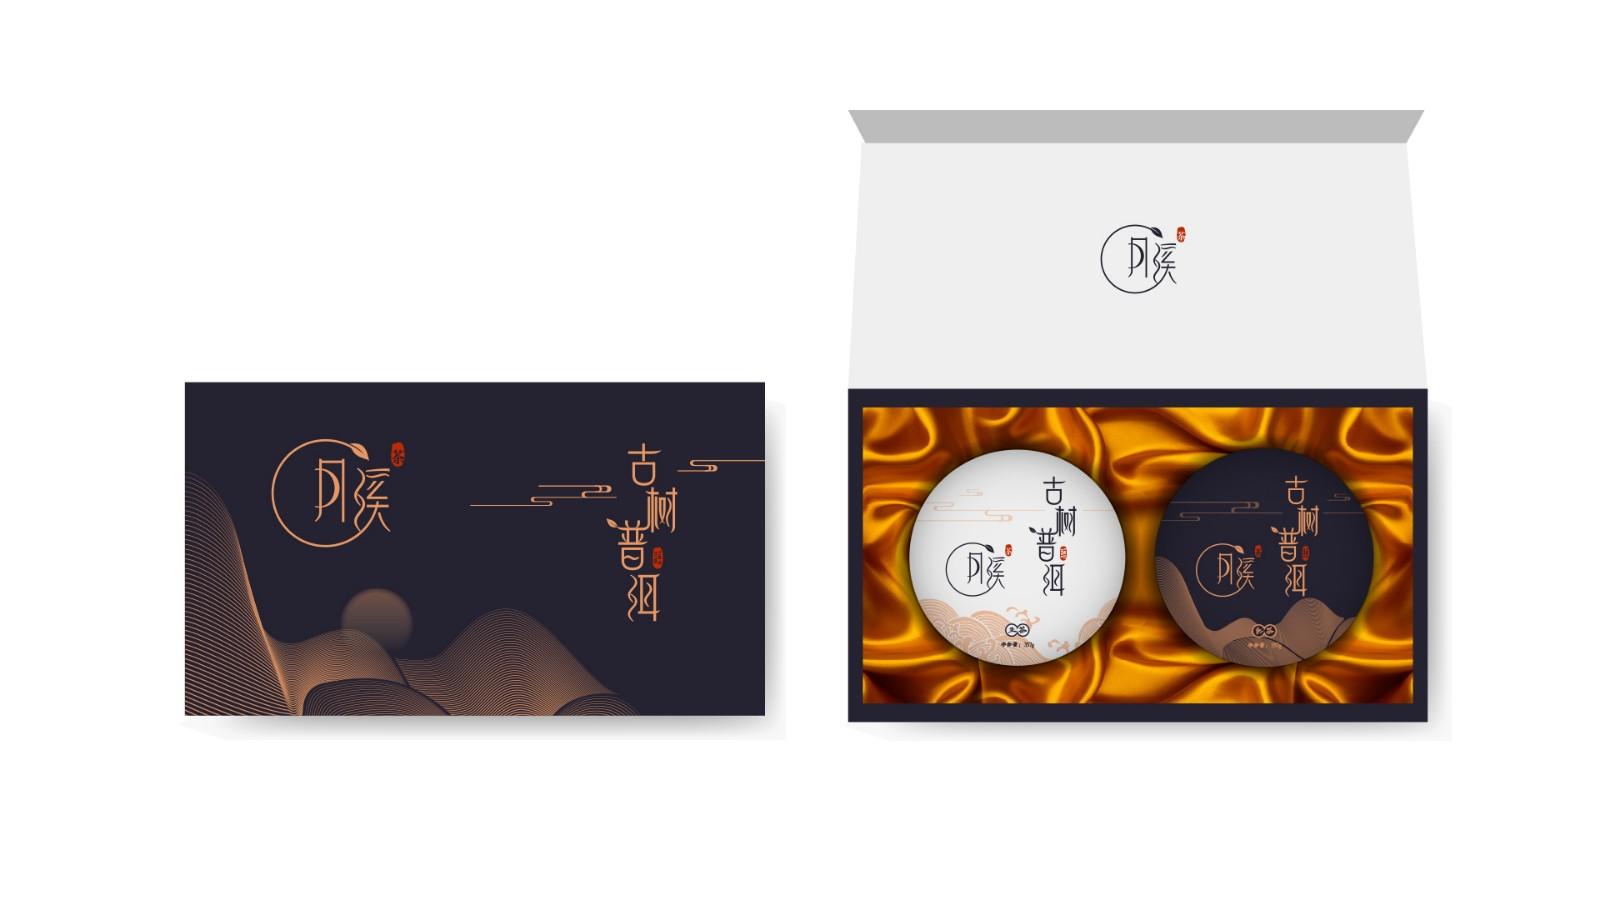 [吉彩四方]厂家分享几款经典的茶包装设计,不容错过哦!